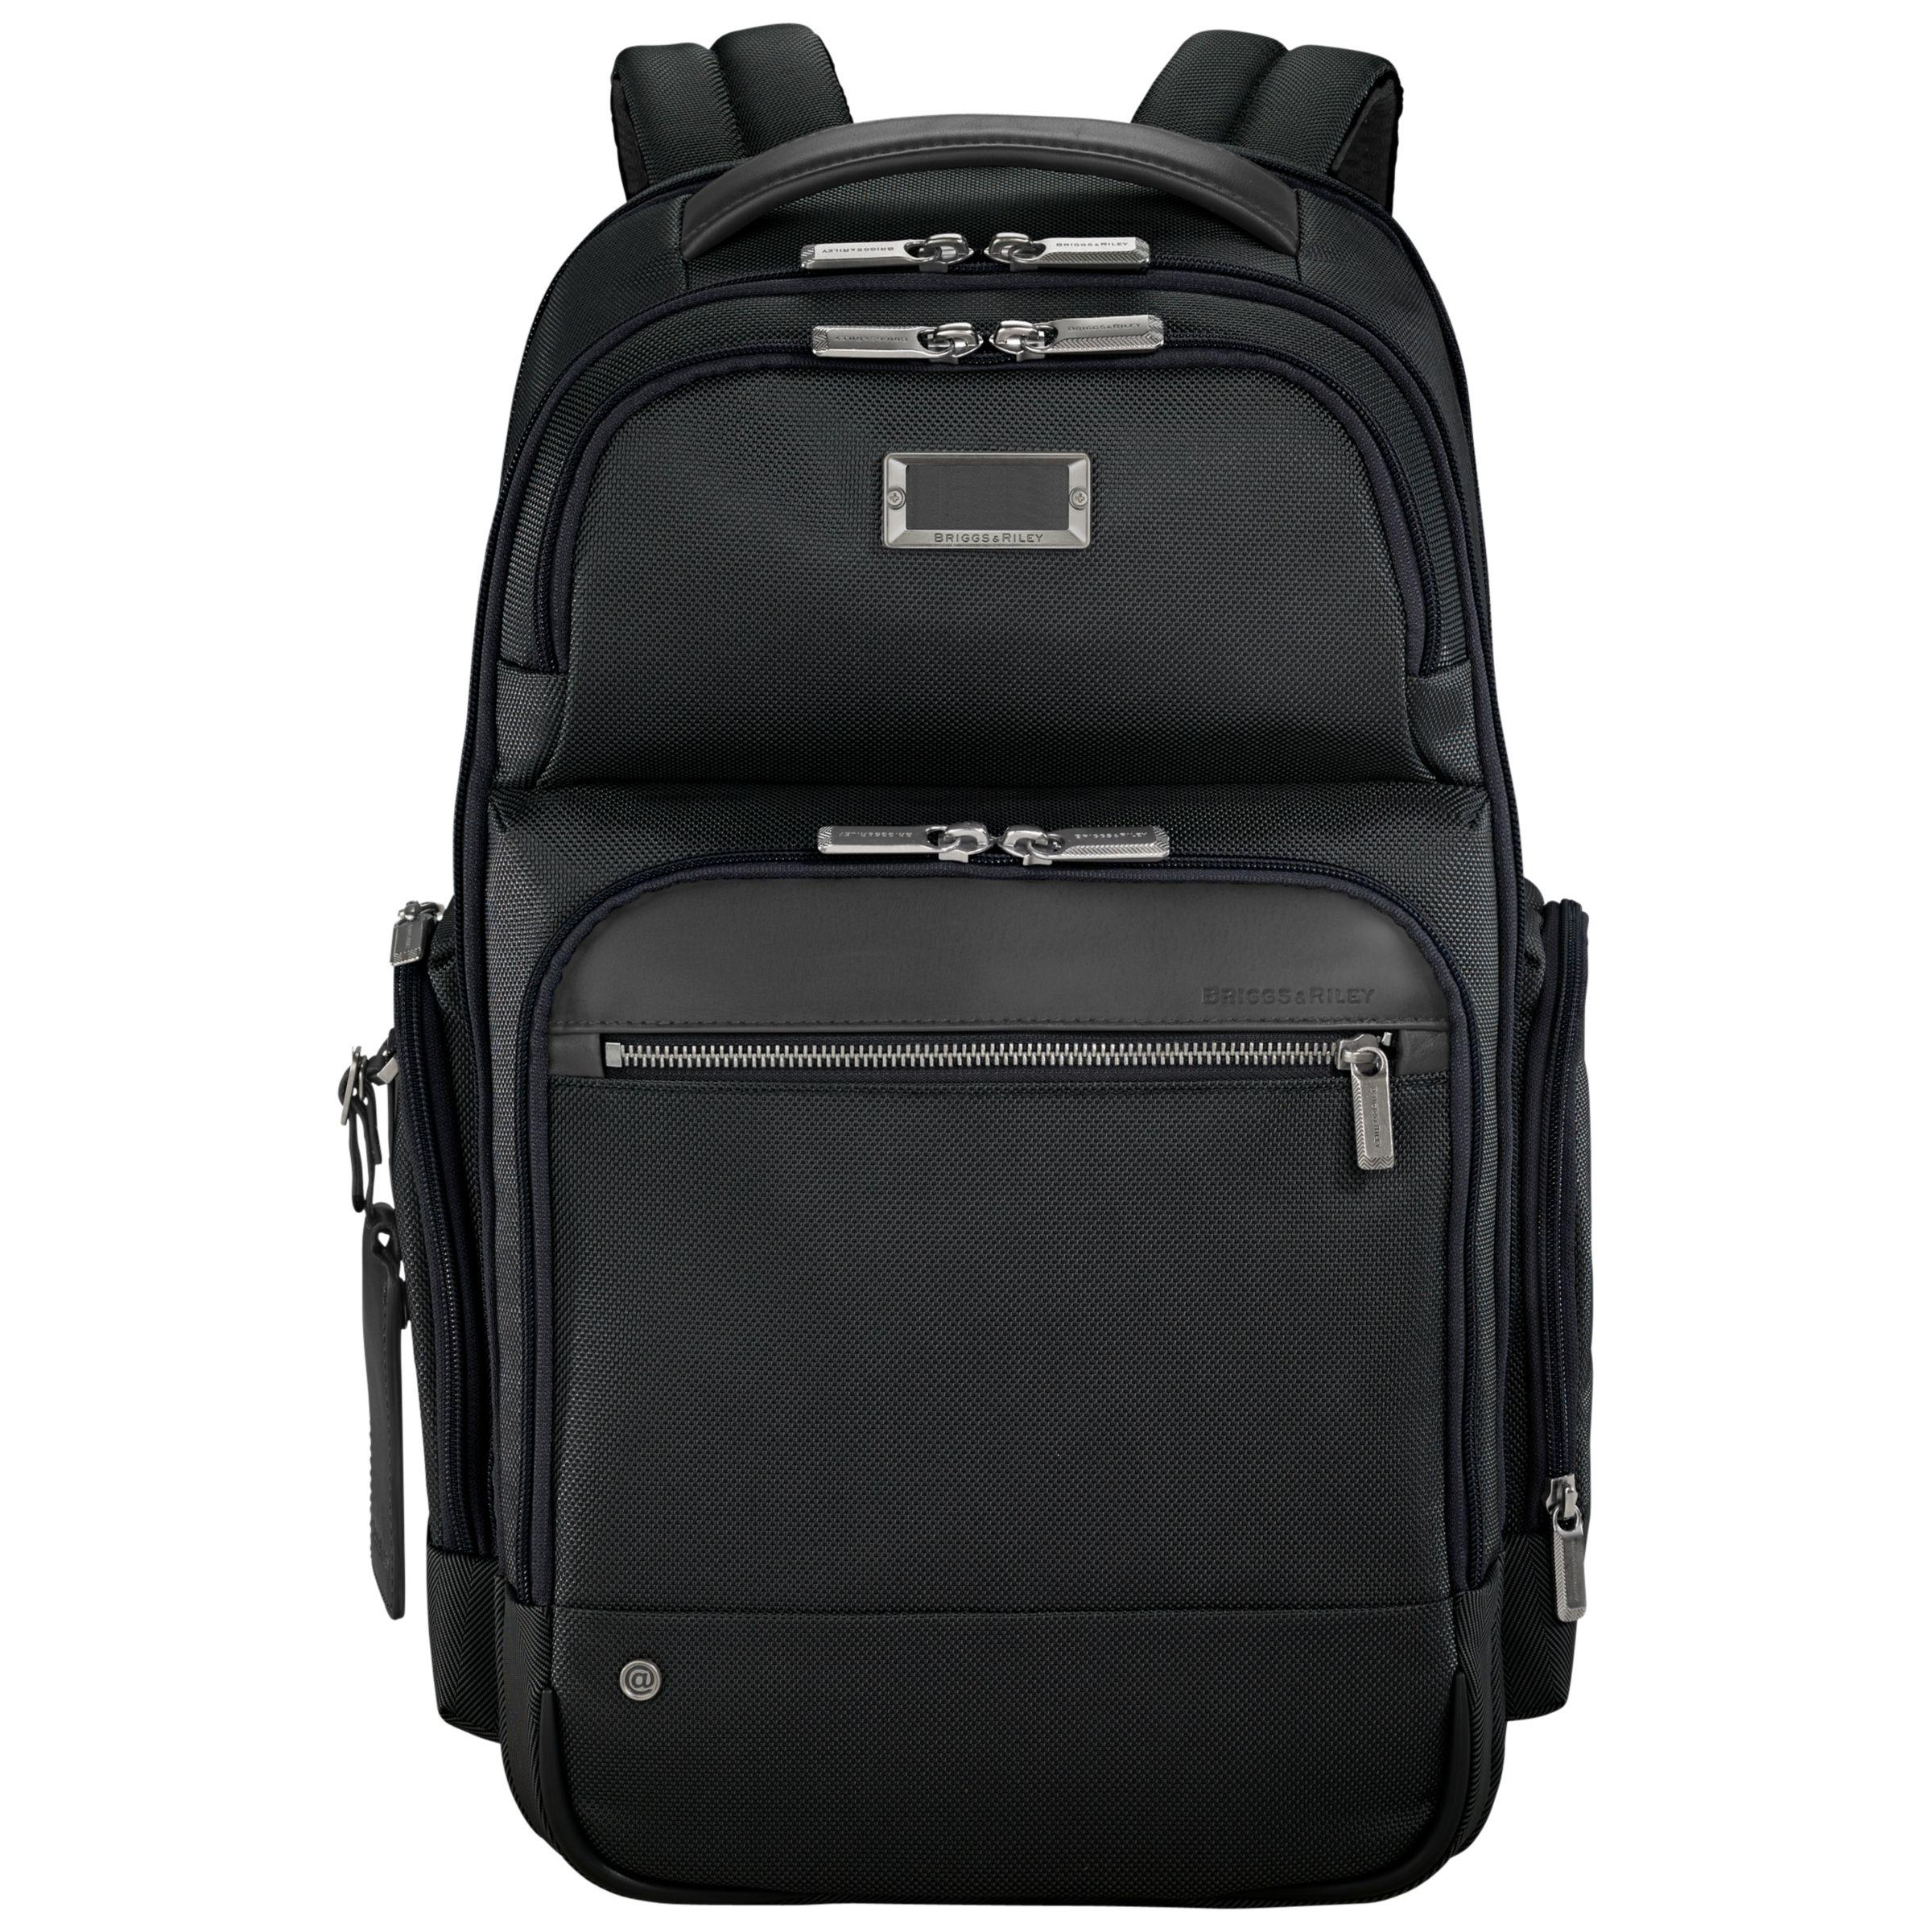 Briggs & Riley Briggs & Riley AtWork Medium Cargo Backpack